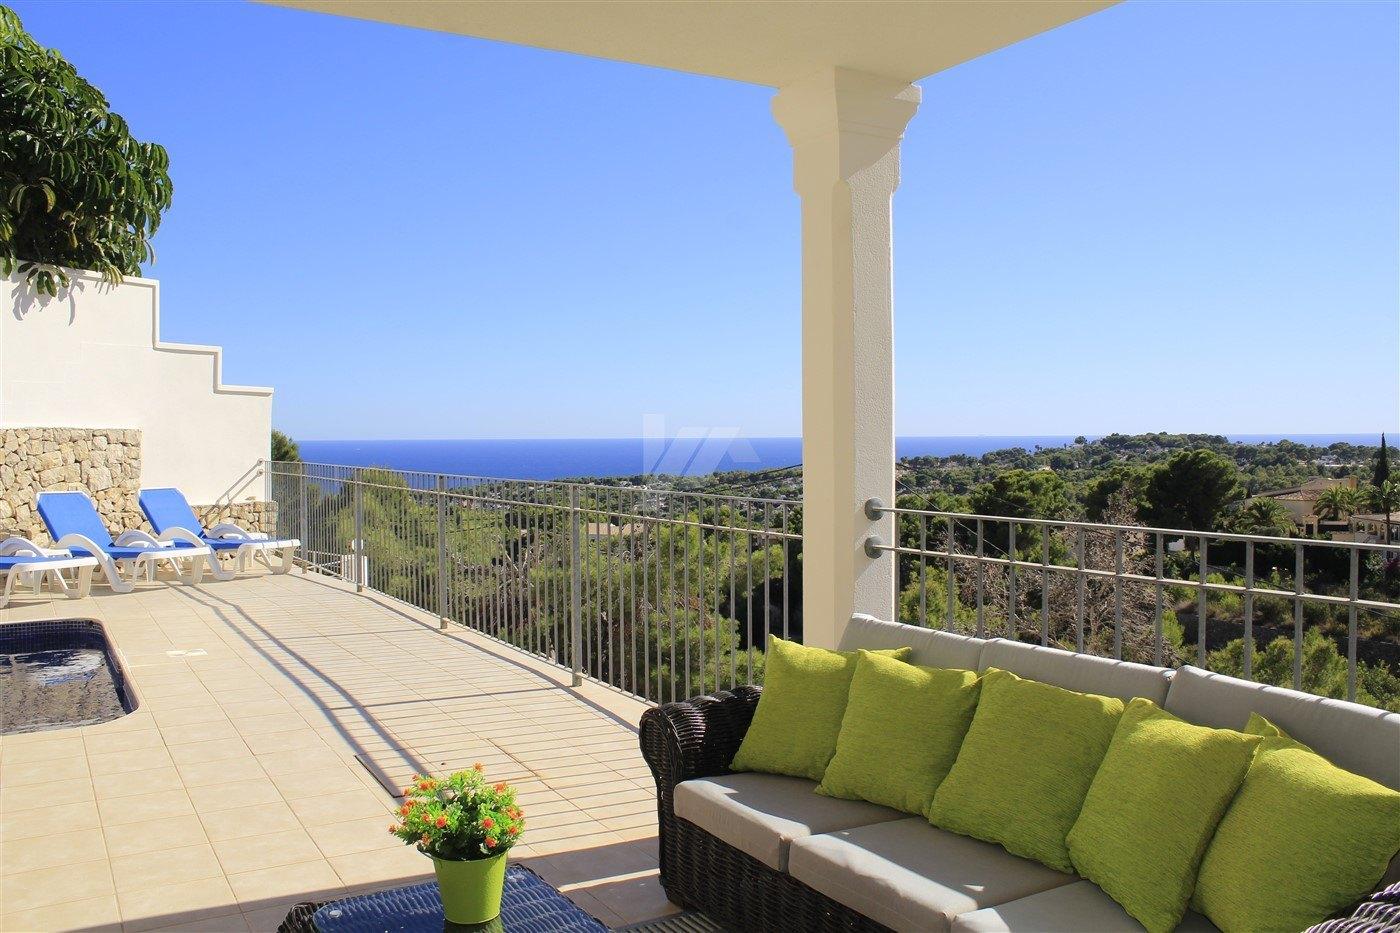 Immaculate sea view villa for sale in Moraira, Costa Blanca.